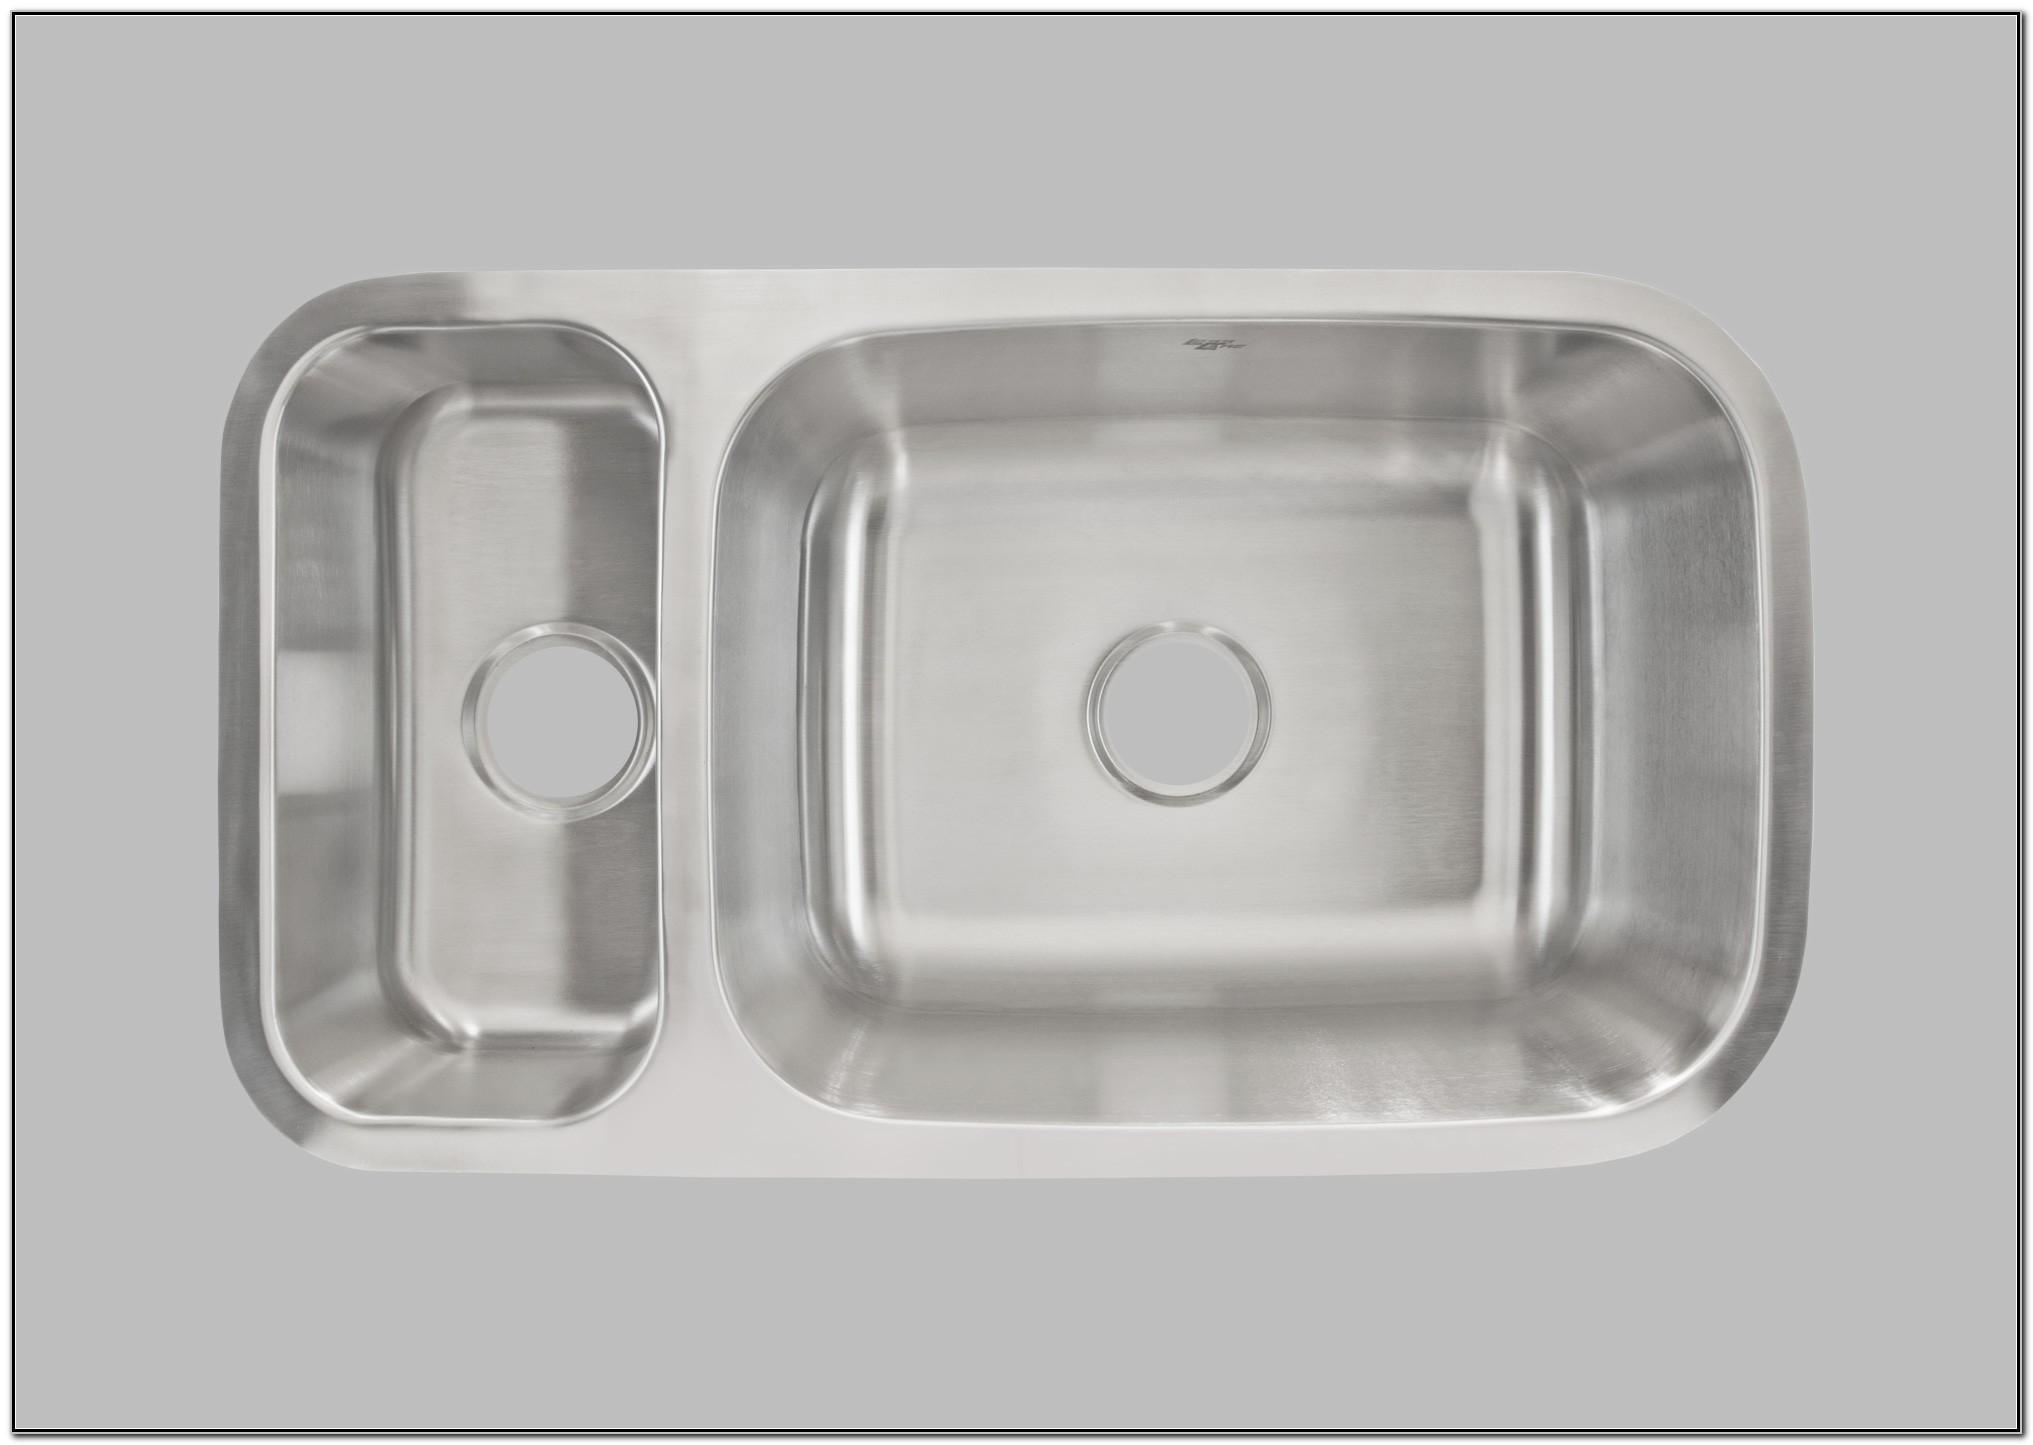 Stainless Steel Kitchen Sinks Undermount Double Bowl